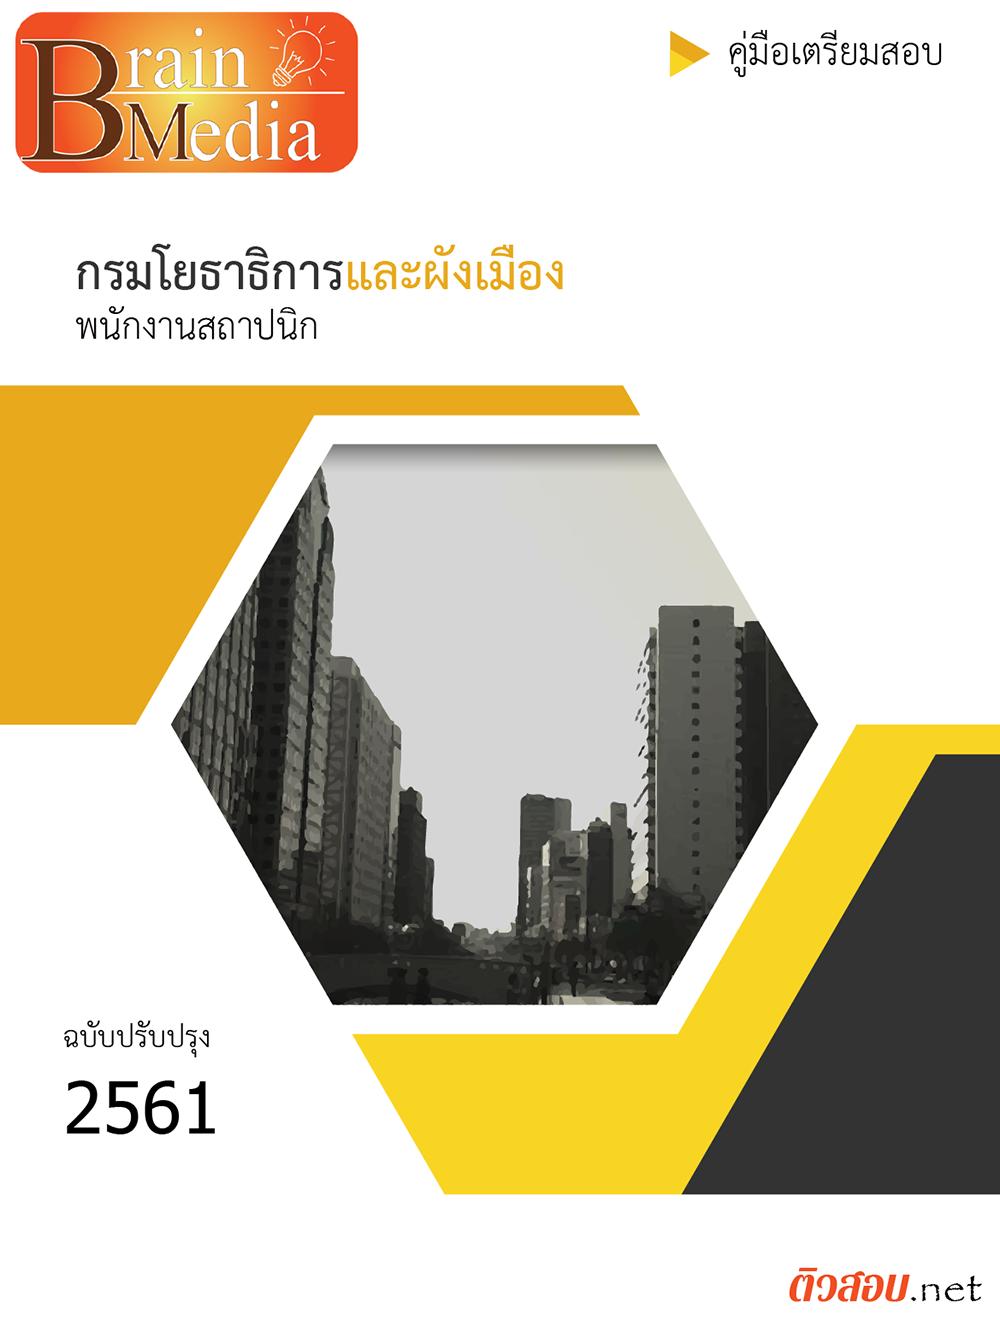 เฉลยแนวข้อสอบ พนักงานสถาปนิก กรมโยธาธิการและผังเมือง